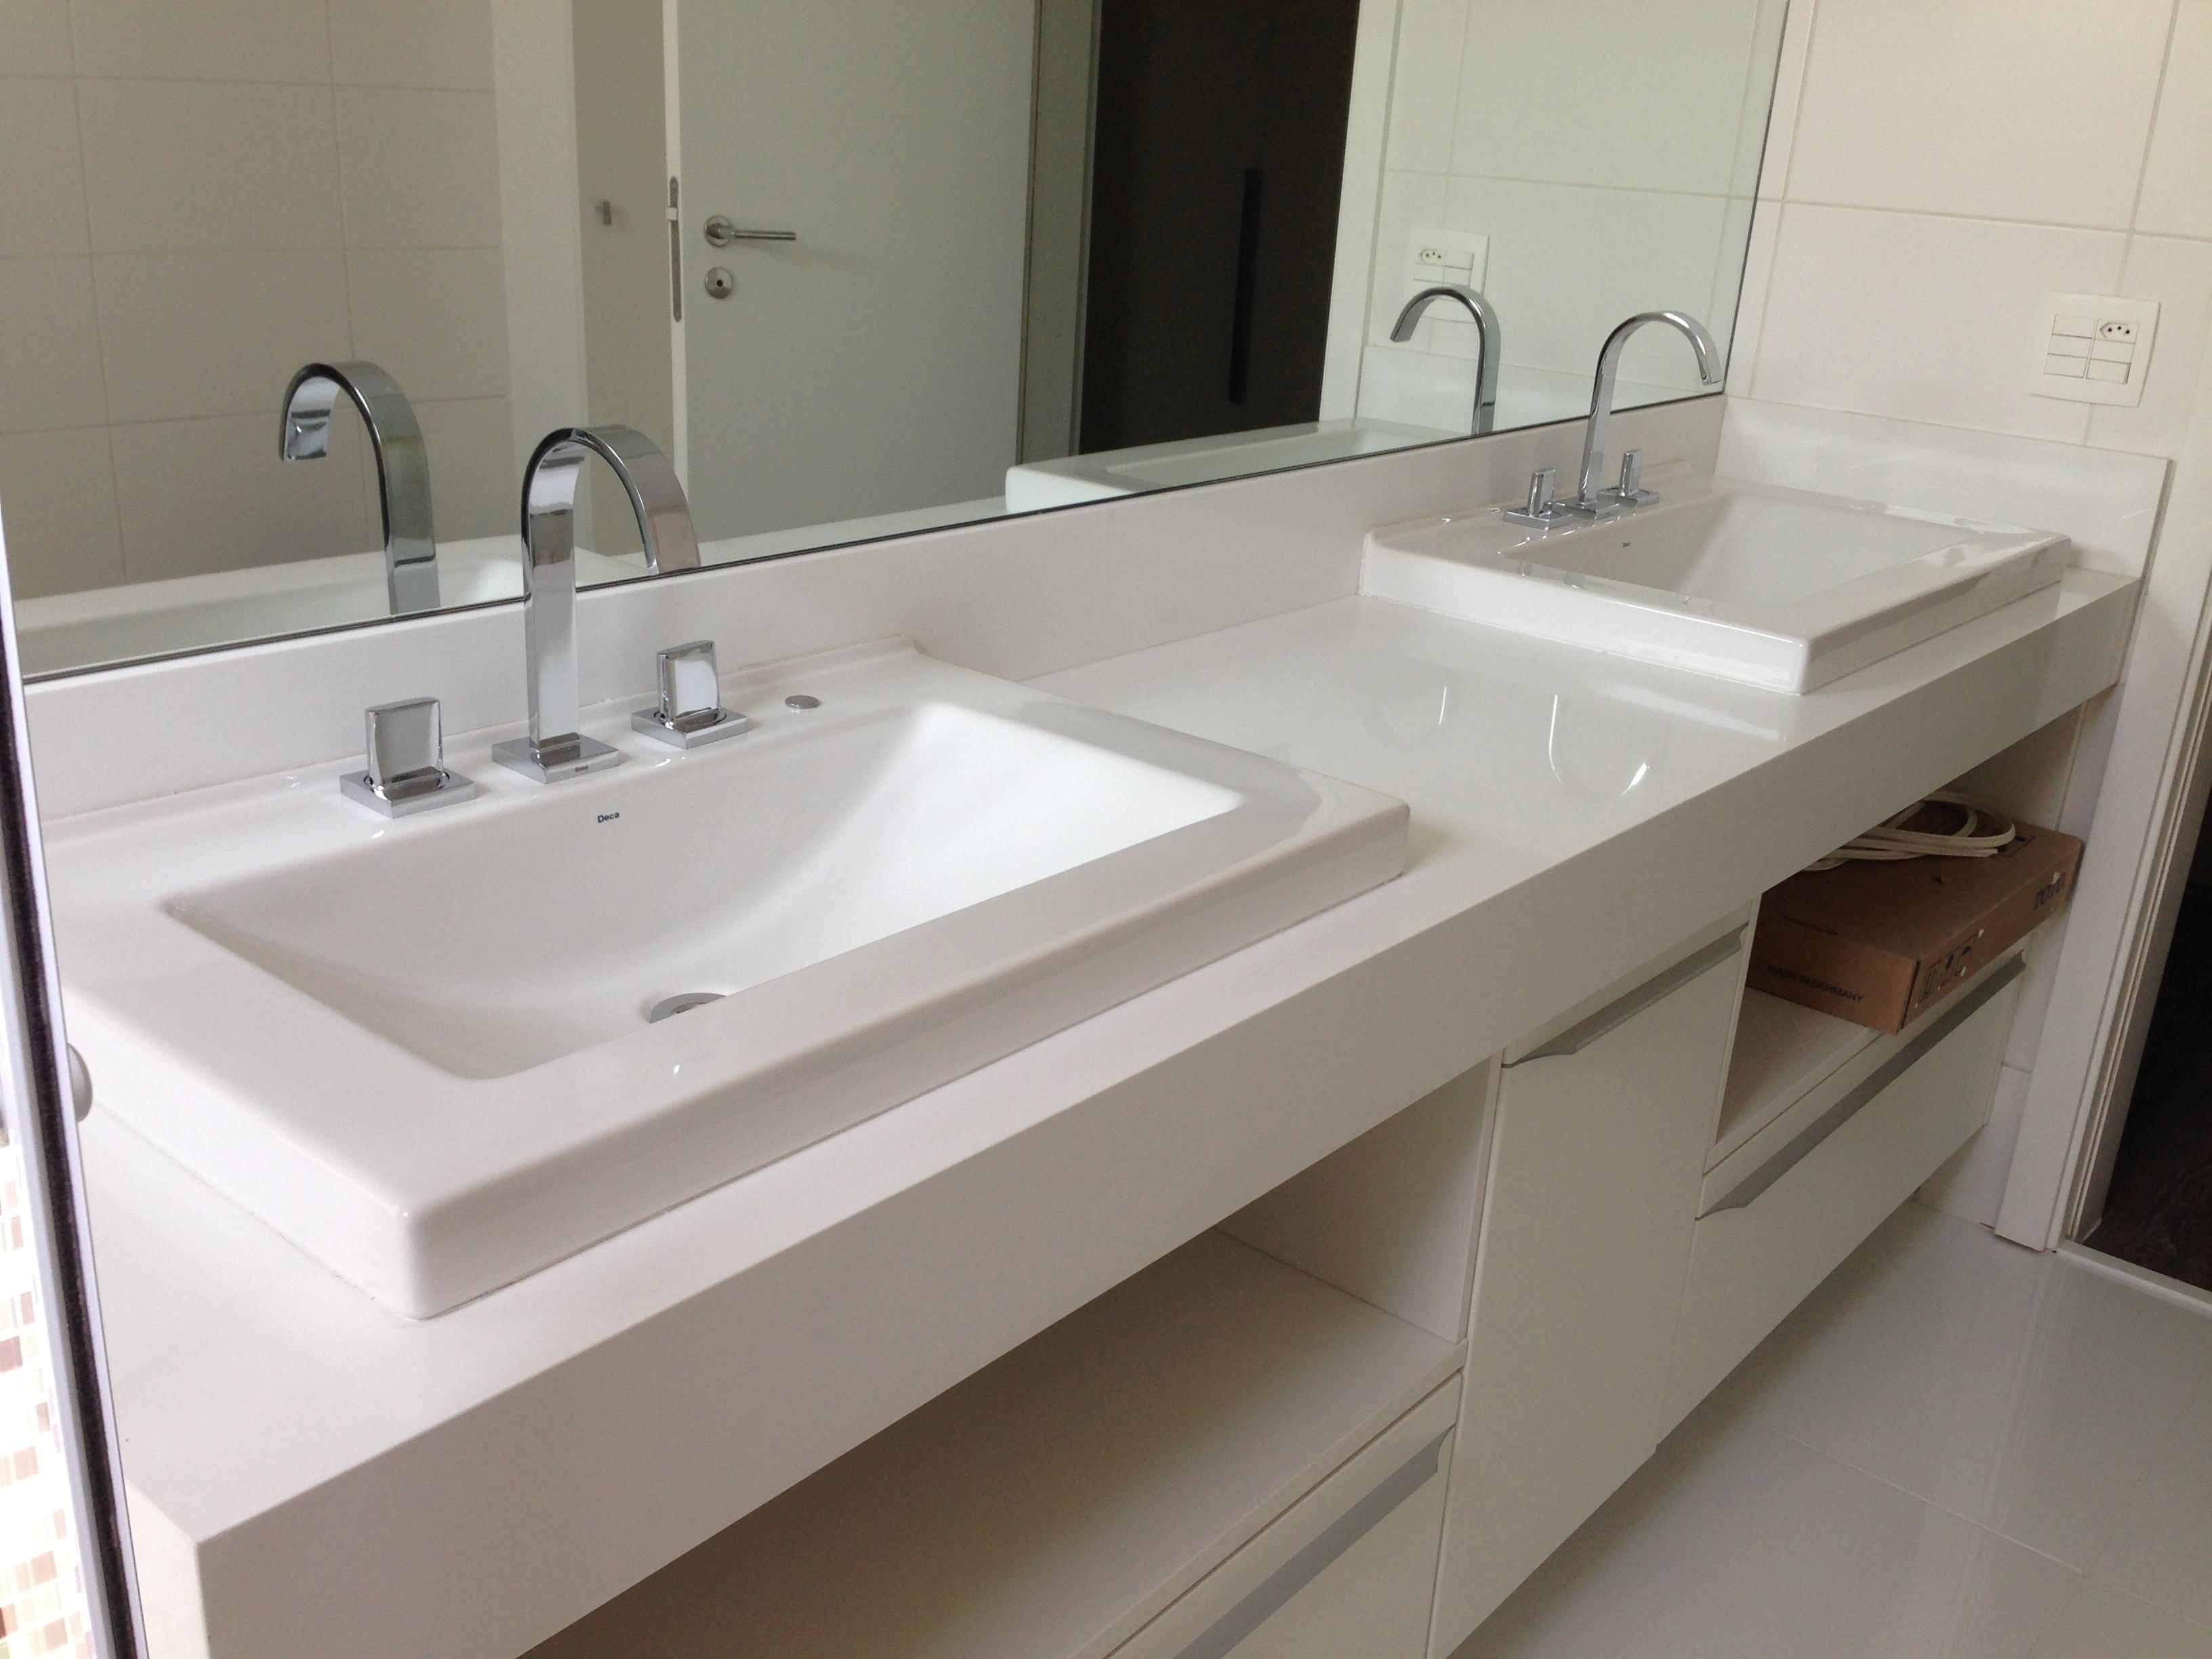 Home granitos Granito Branco e dicas de Decoração #5C4D3B 3264x2448 Banheiro Com Granito Branco Siena